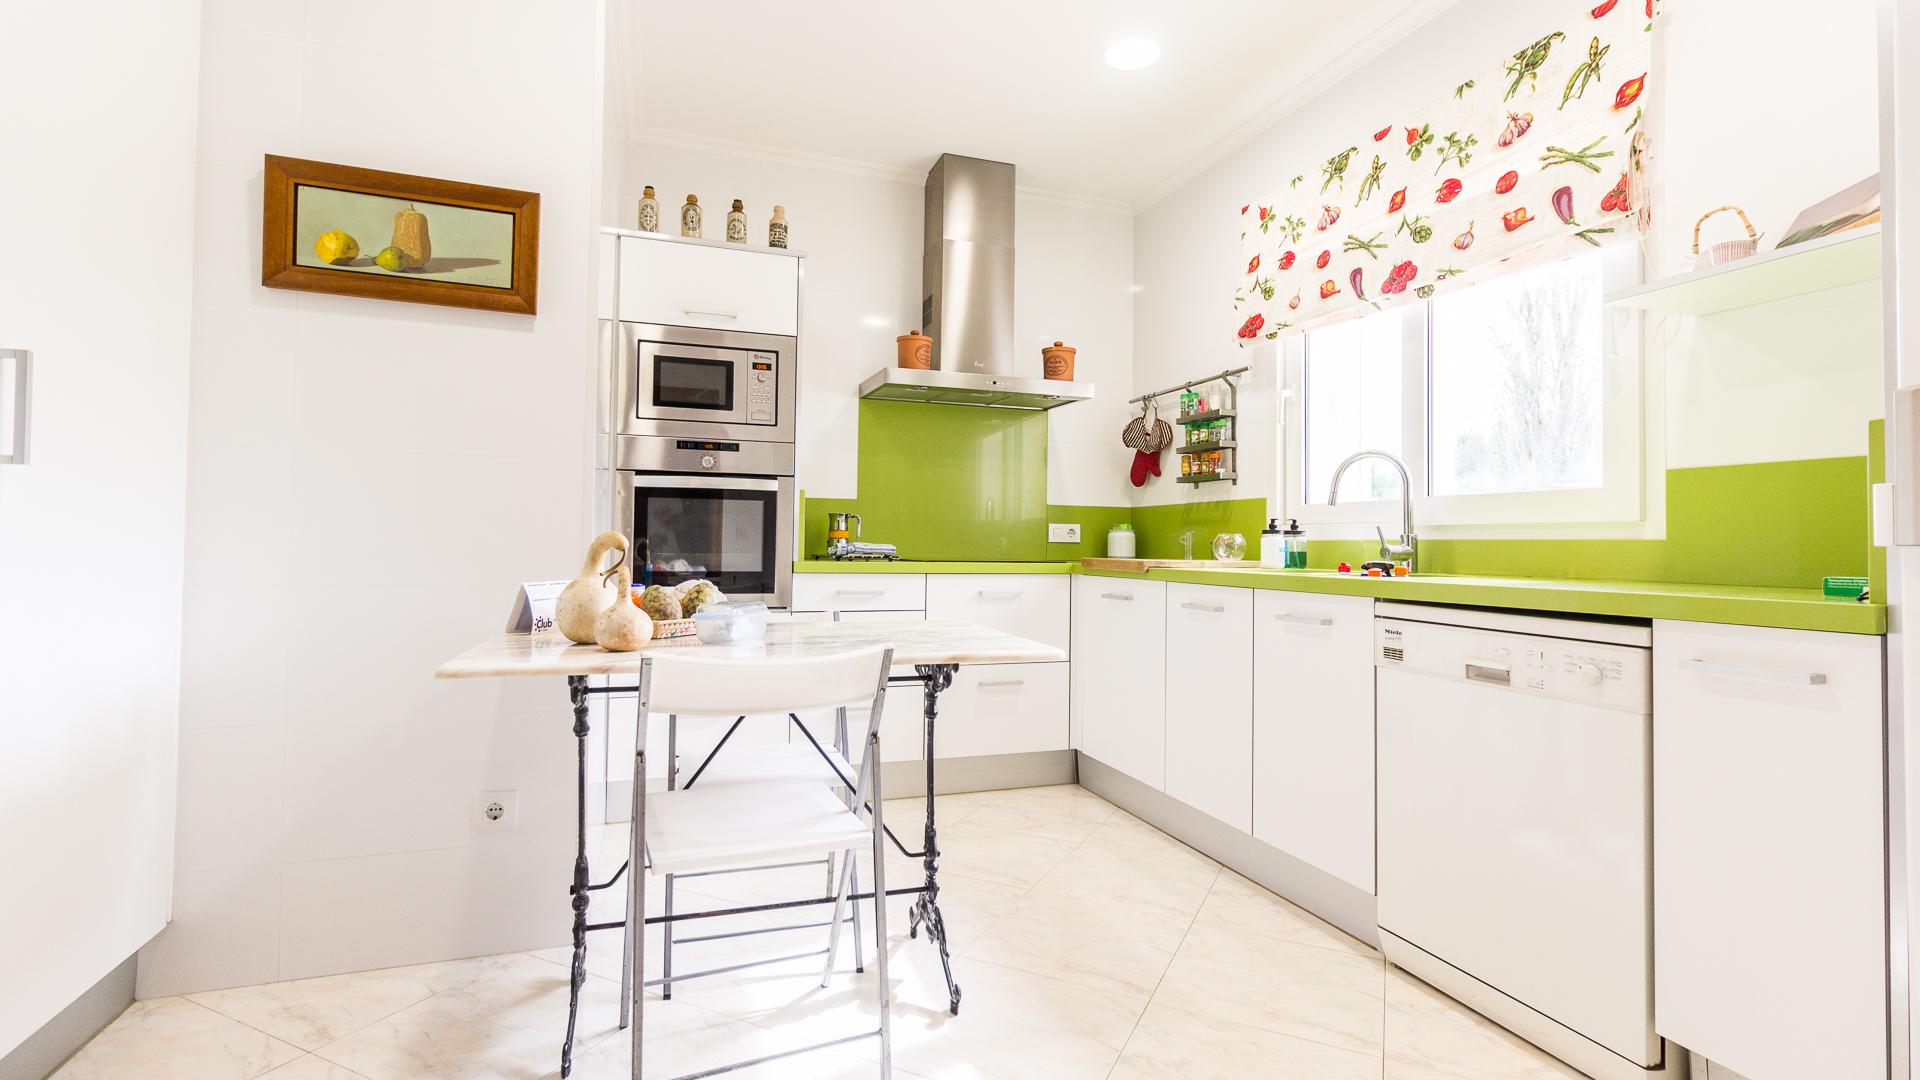 Villa in Binixica Ref: M8649 7